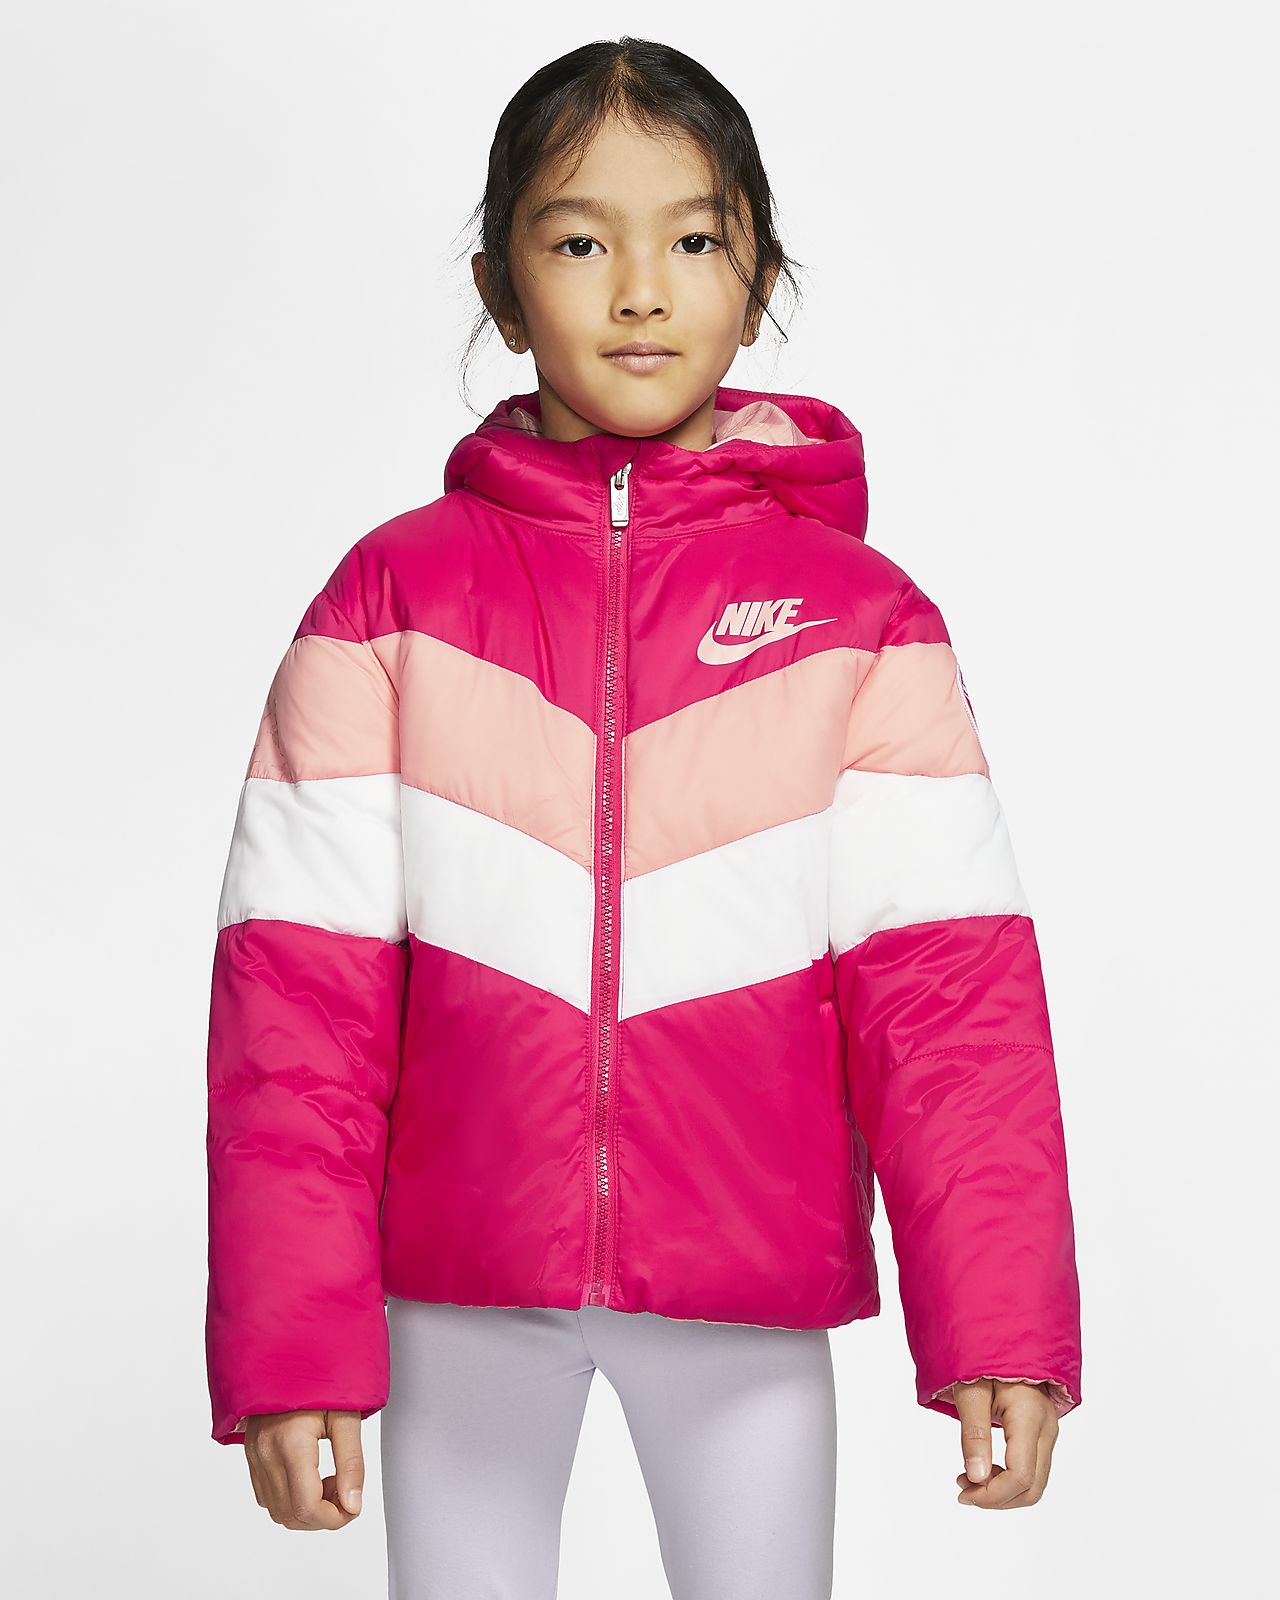 100% autentisk få nya bäst billig Nike dunjacka för barn. Nike SE